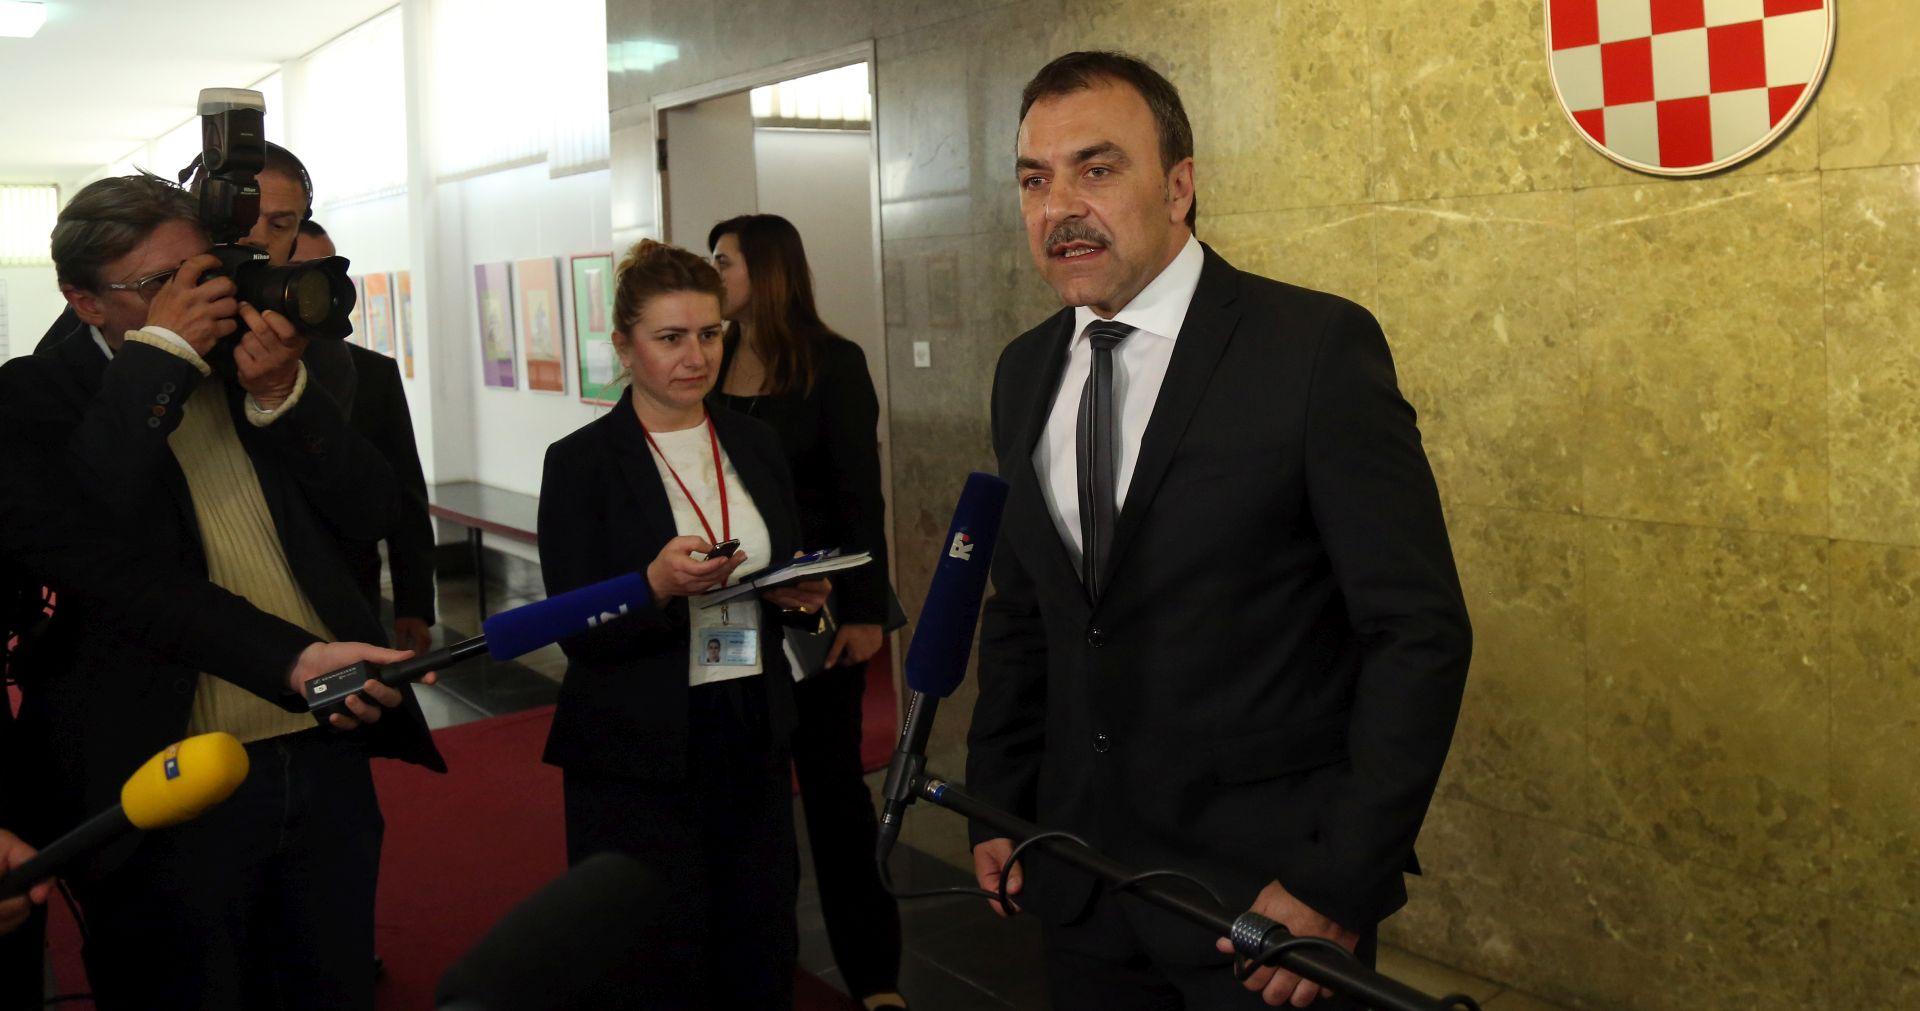 Orepić: 'Ovo povrđuje da je Hrvatska u samom vrhu po učinkovitosti'